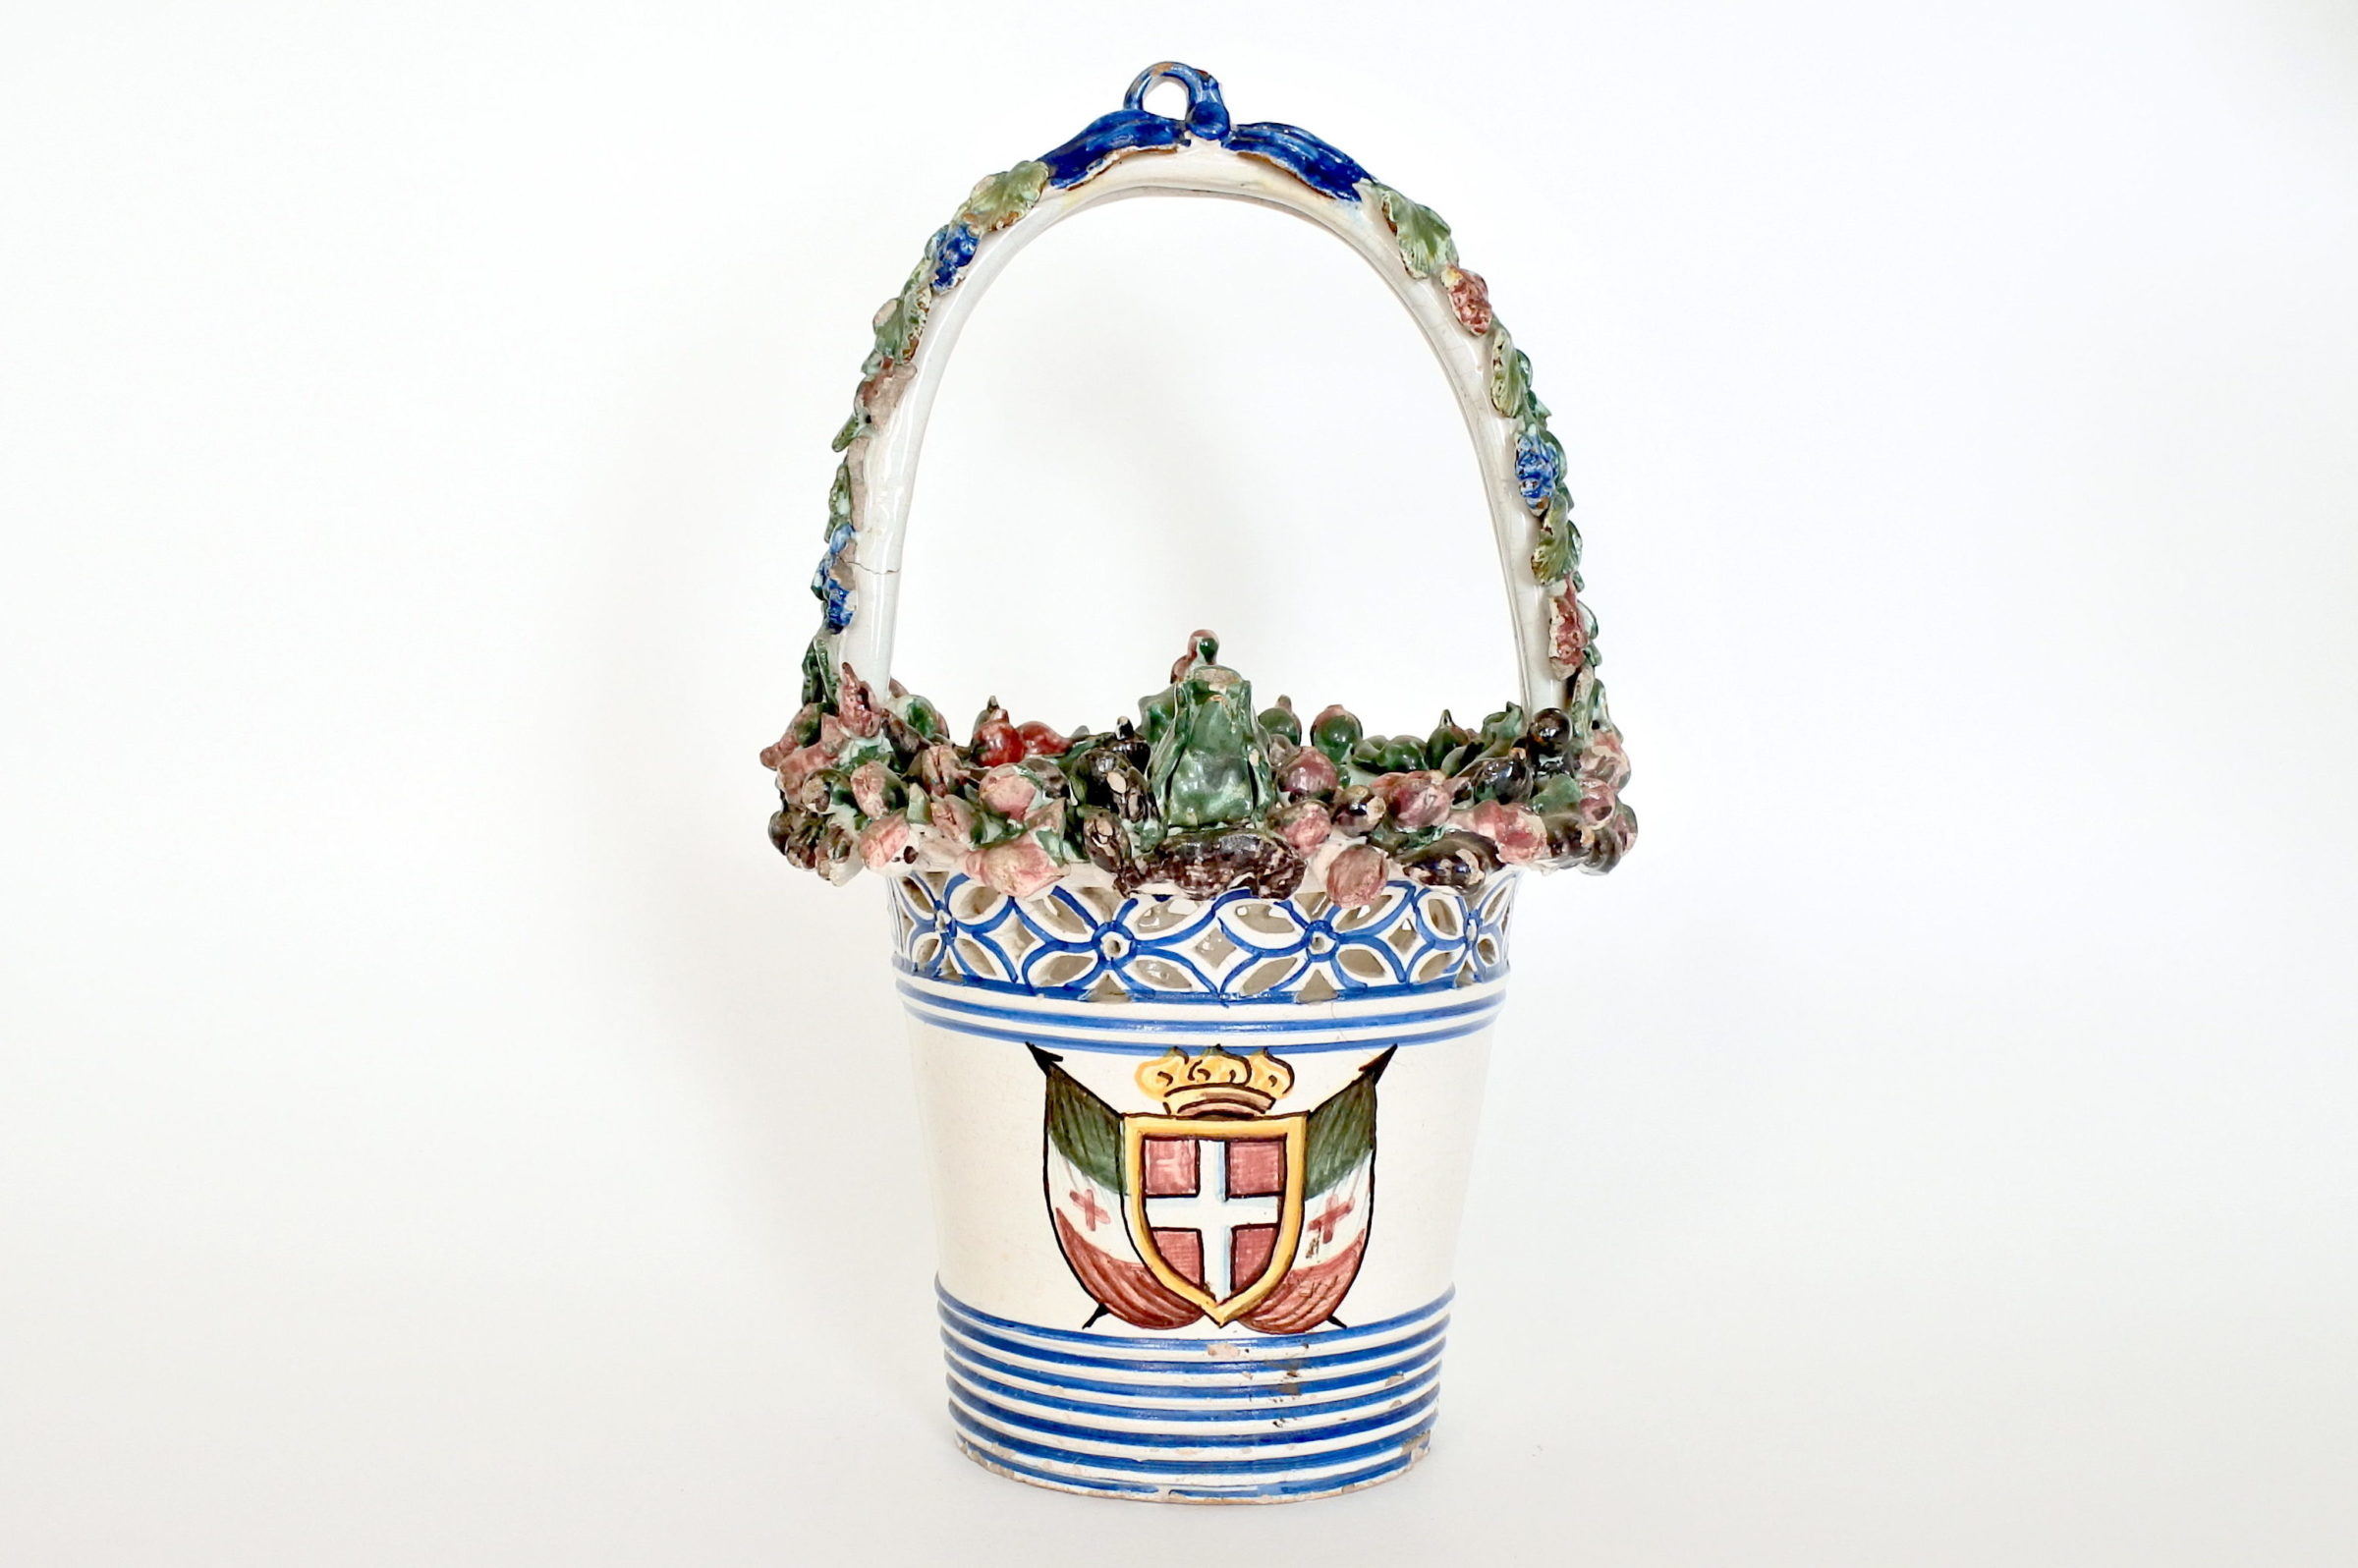 Cestino in ceramica decorato con stemma Sabaudo